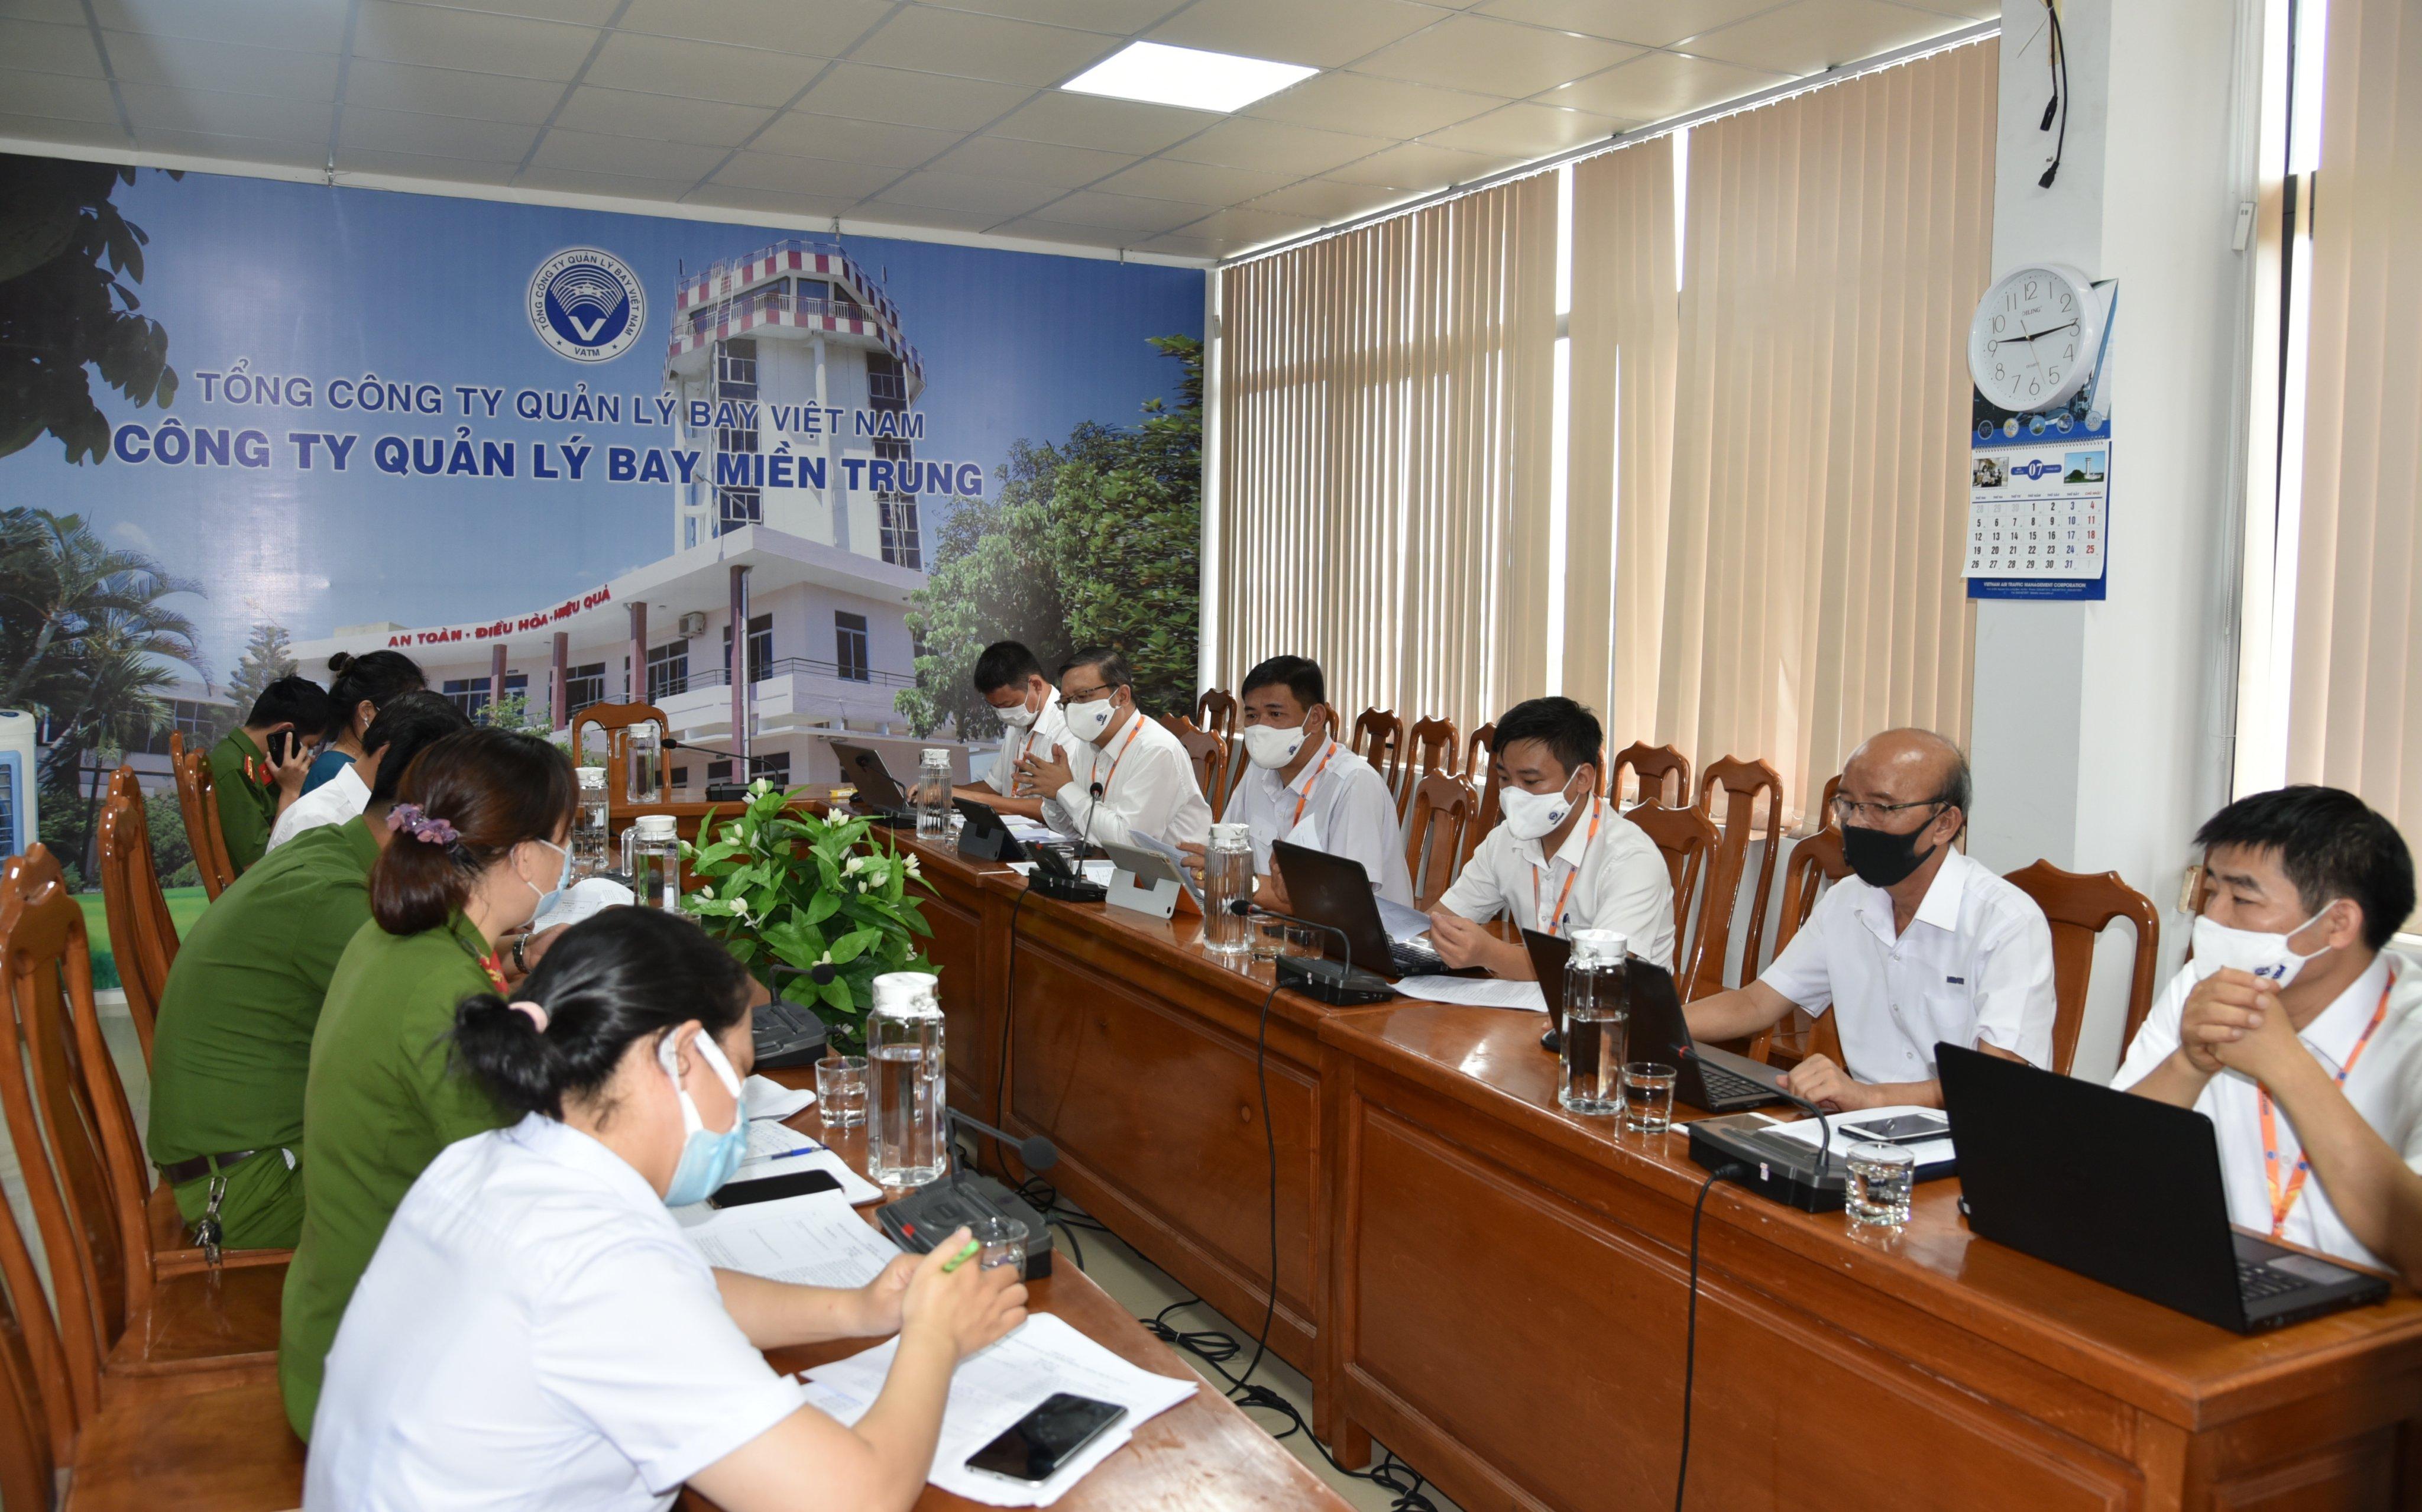 Kiểm tra công tác phòng chống dịch Covid-19 tại Công ty Quản lý bay miền Trung